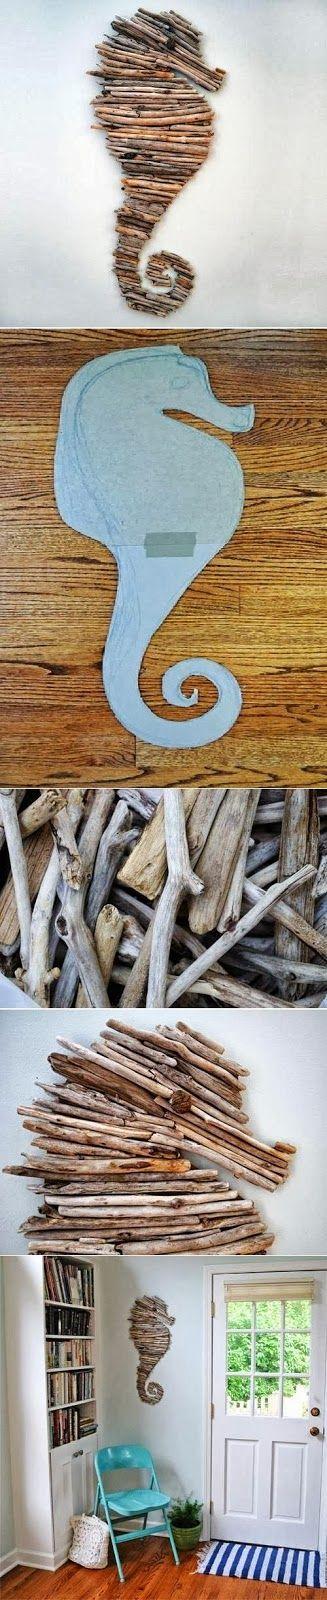 Hol Dir die Natur ins Haus: 16 DIY Bastelideen mit Zweigen - Seite 3 von 16 - DIY Bastelideen